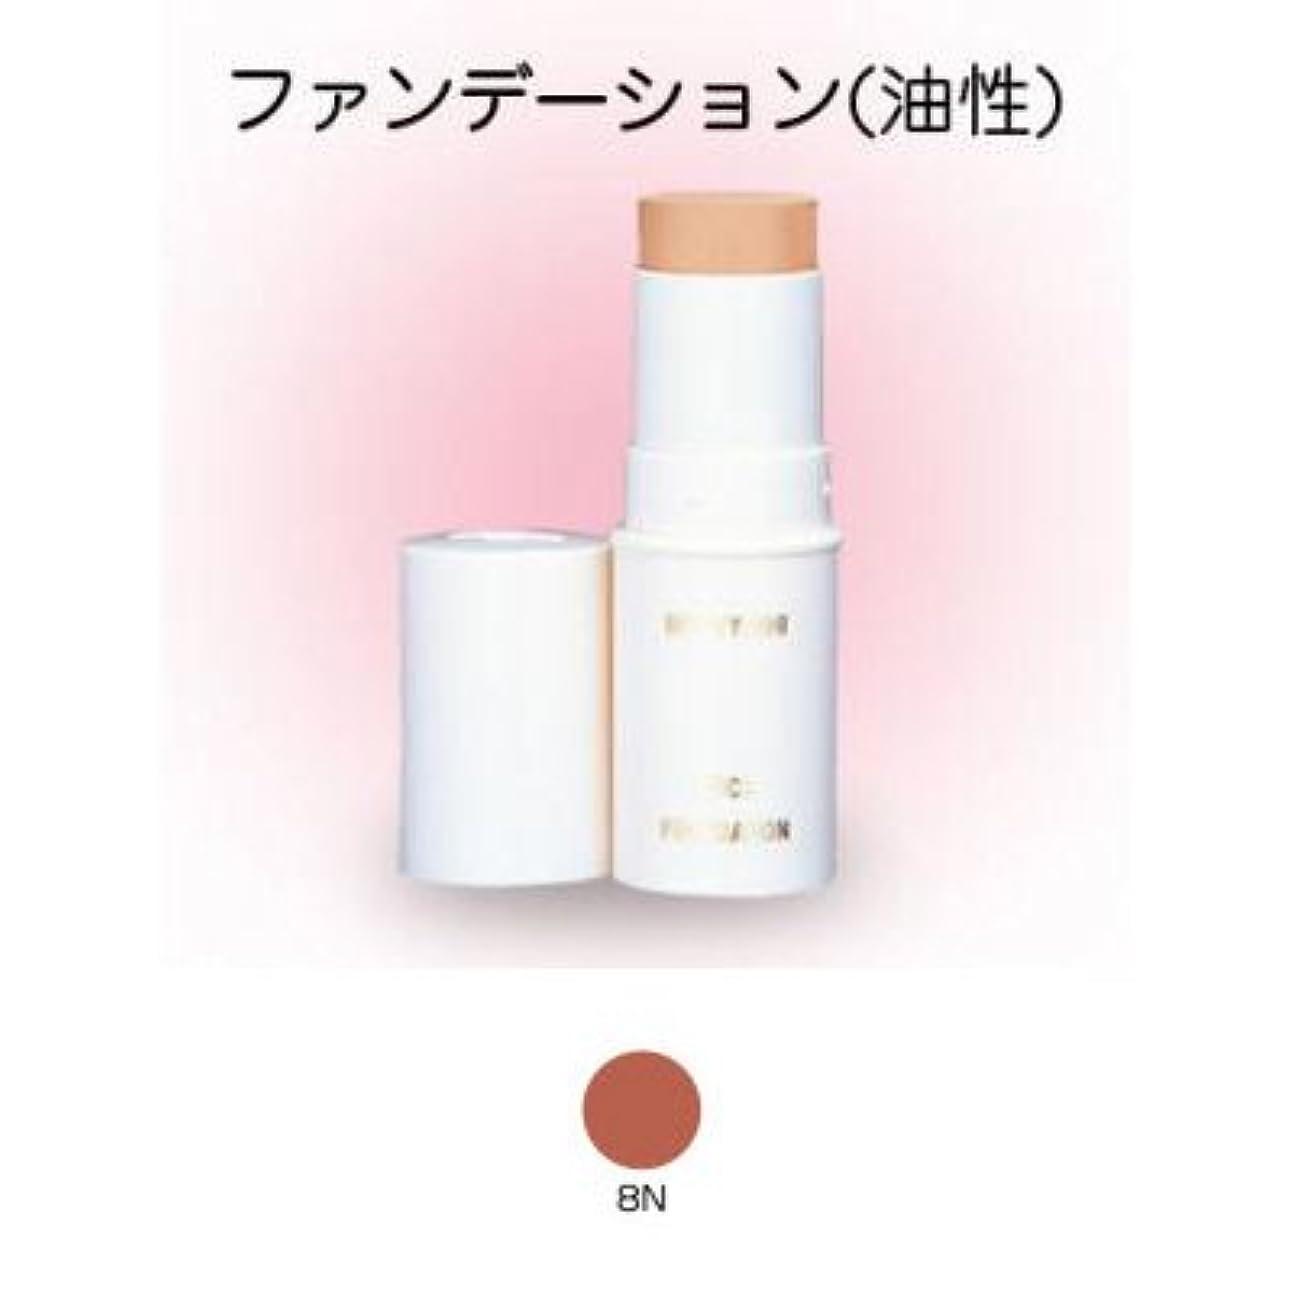 ヒューム脱獄ノーブルスティックファンデーション 16g 8N 【三善】